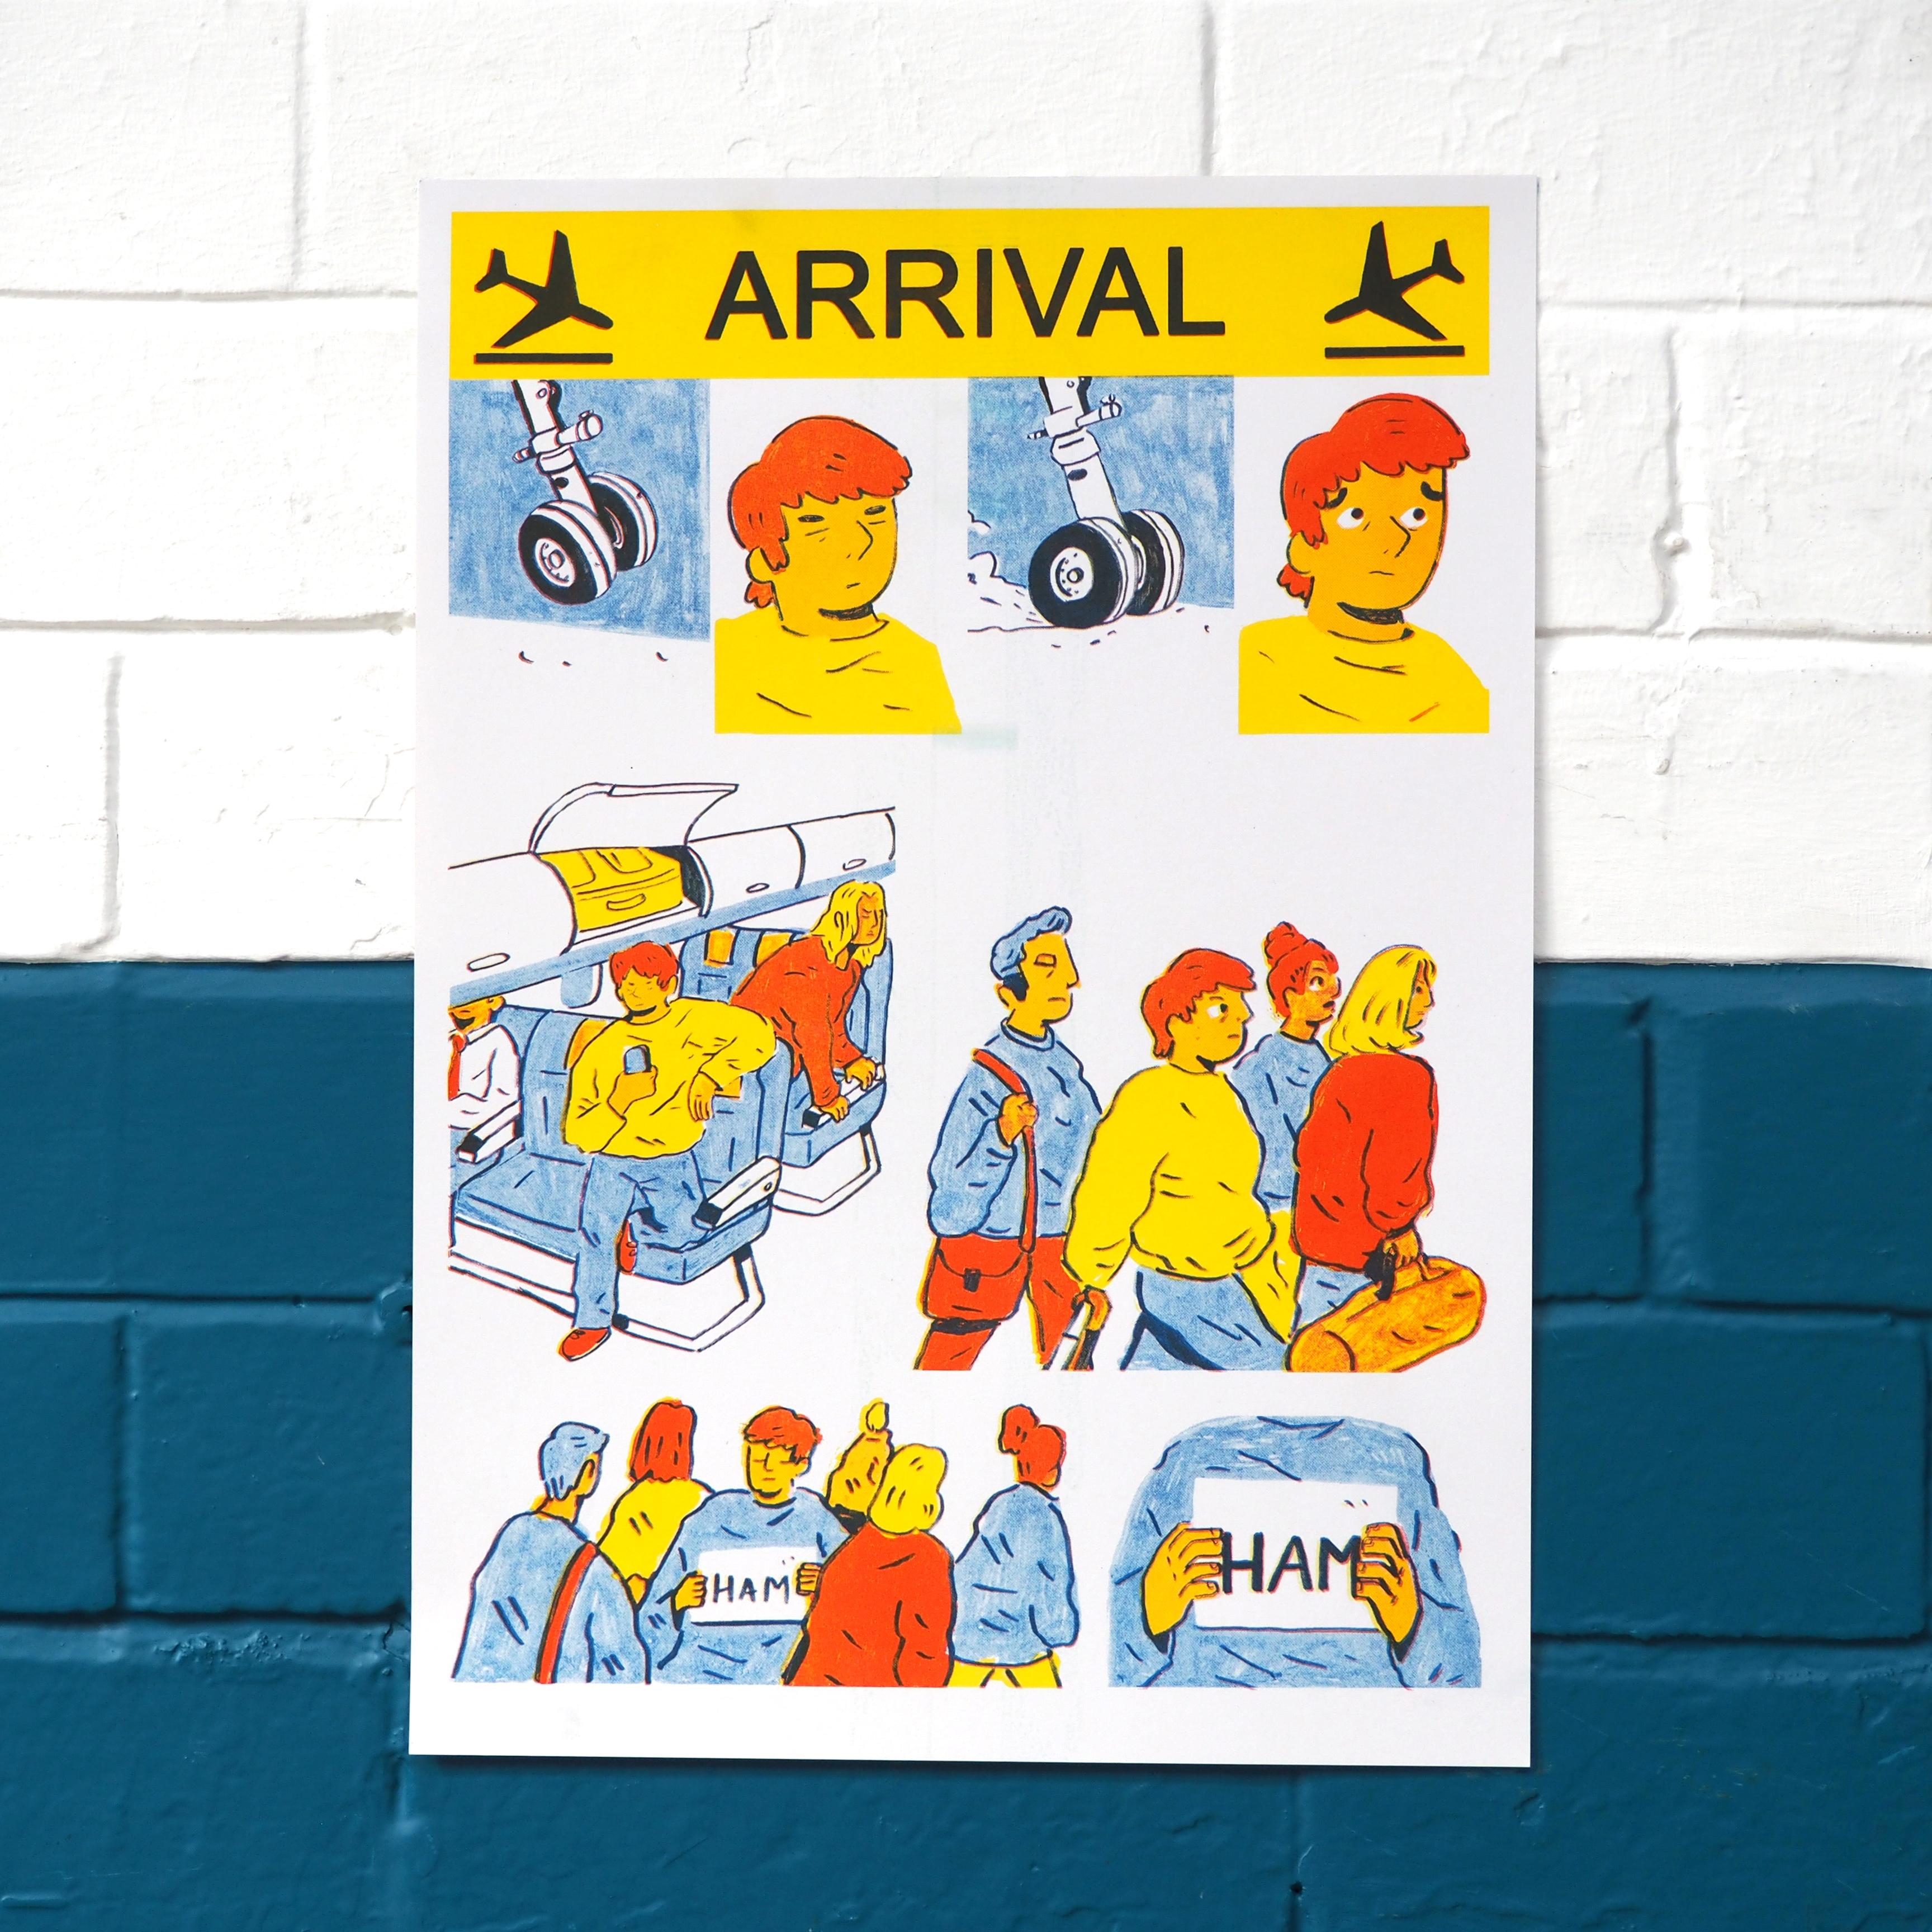 Arrival - HAM